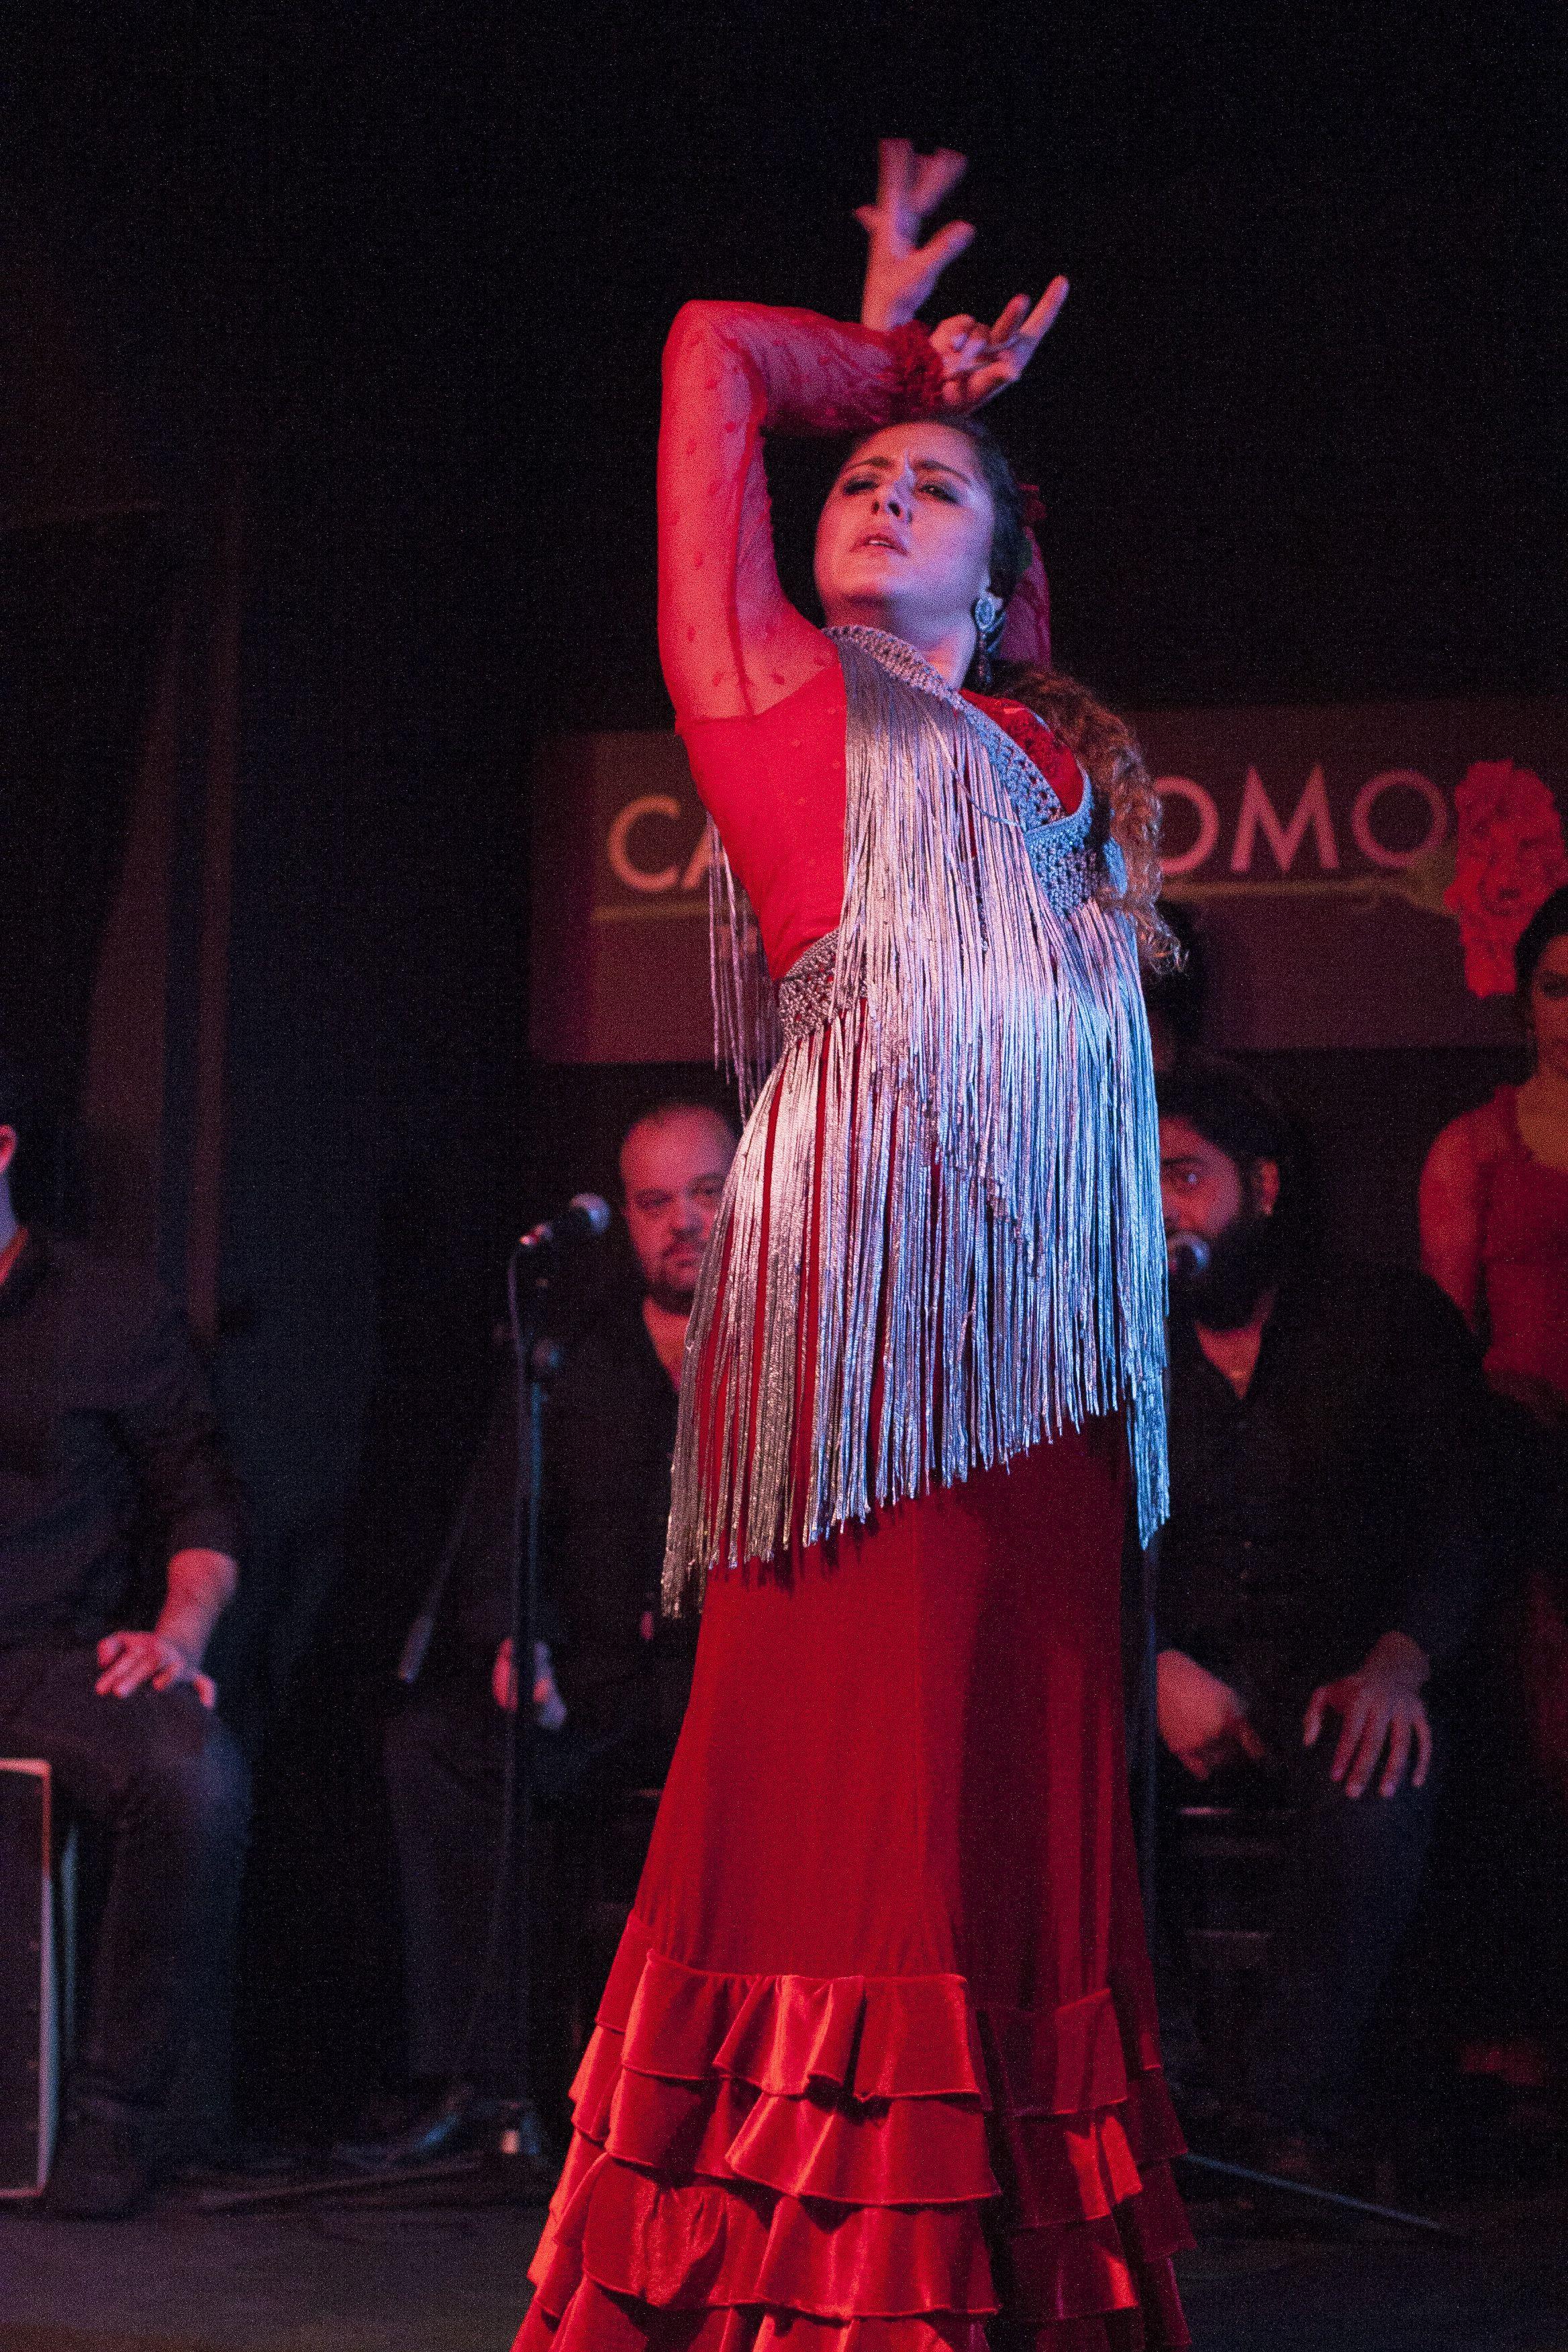 Espectaculos Flamenco En Madrid Horarios Y Precios Show Flamenco